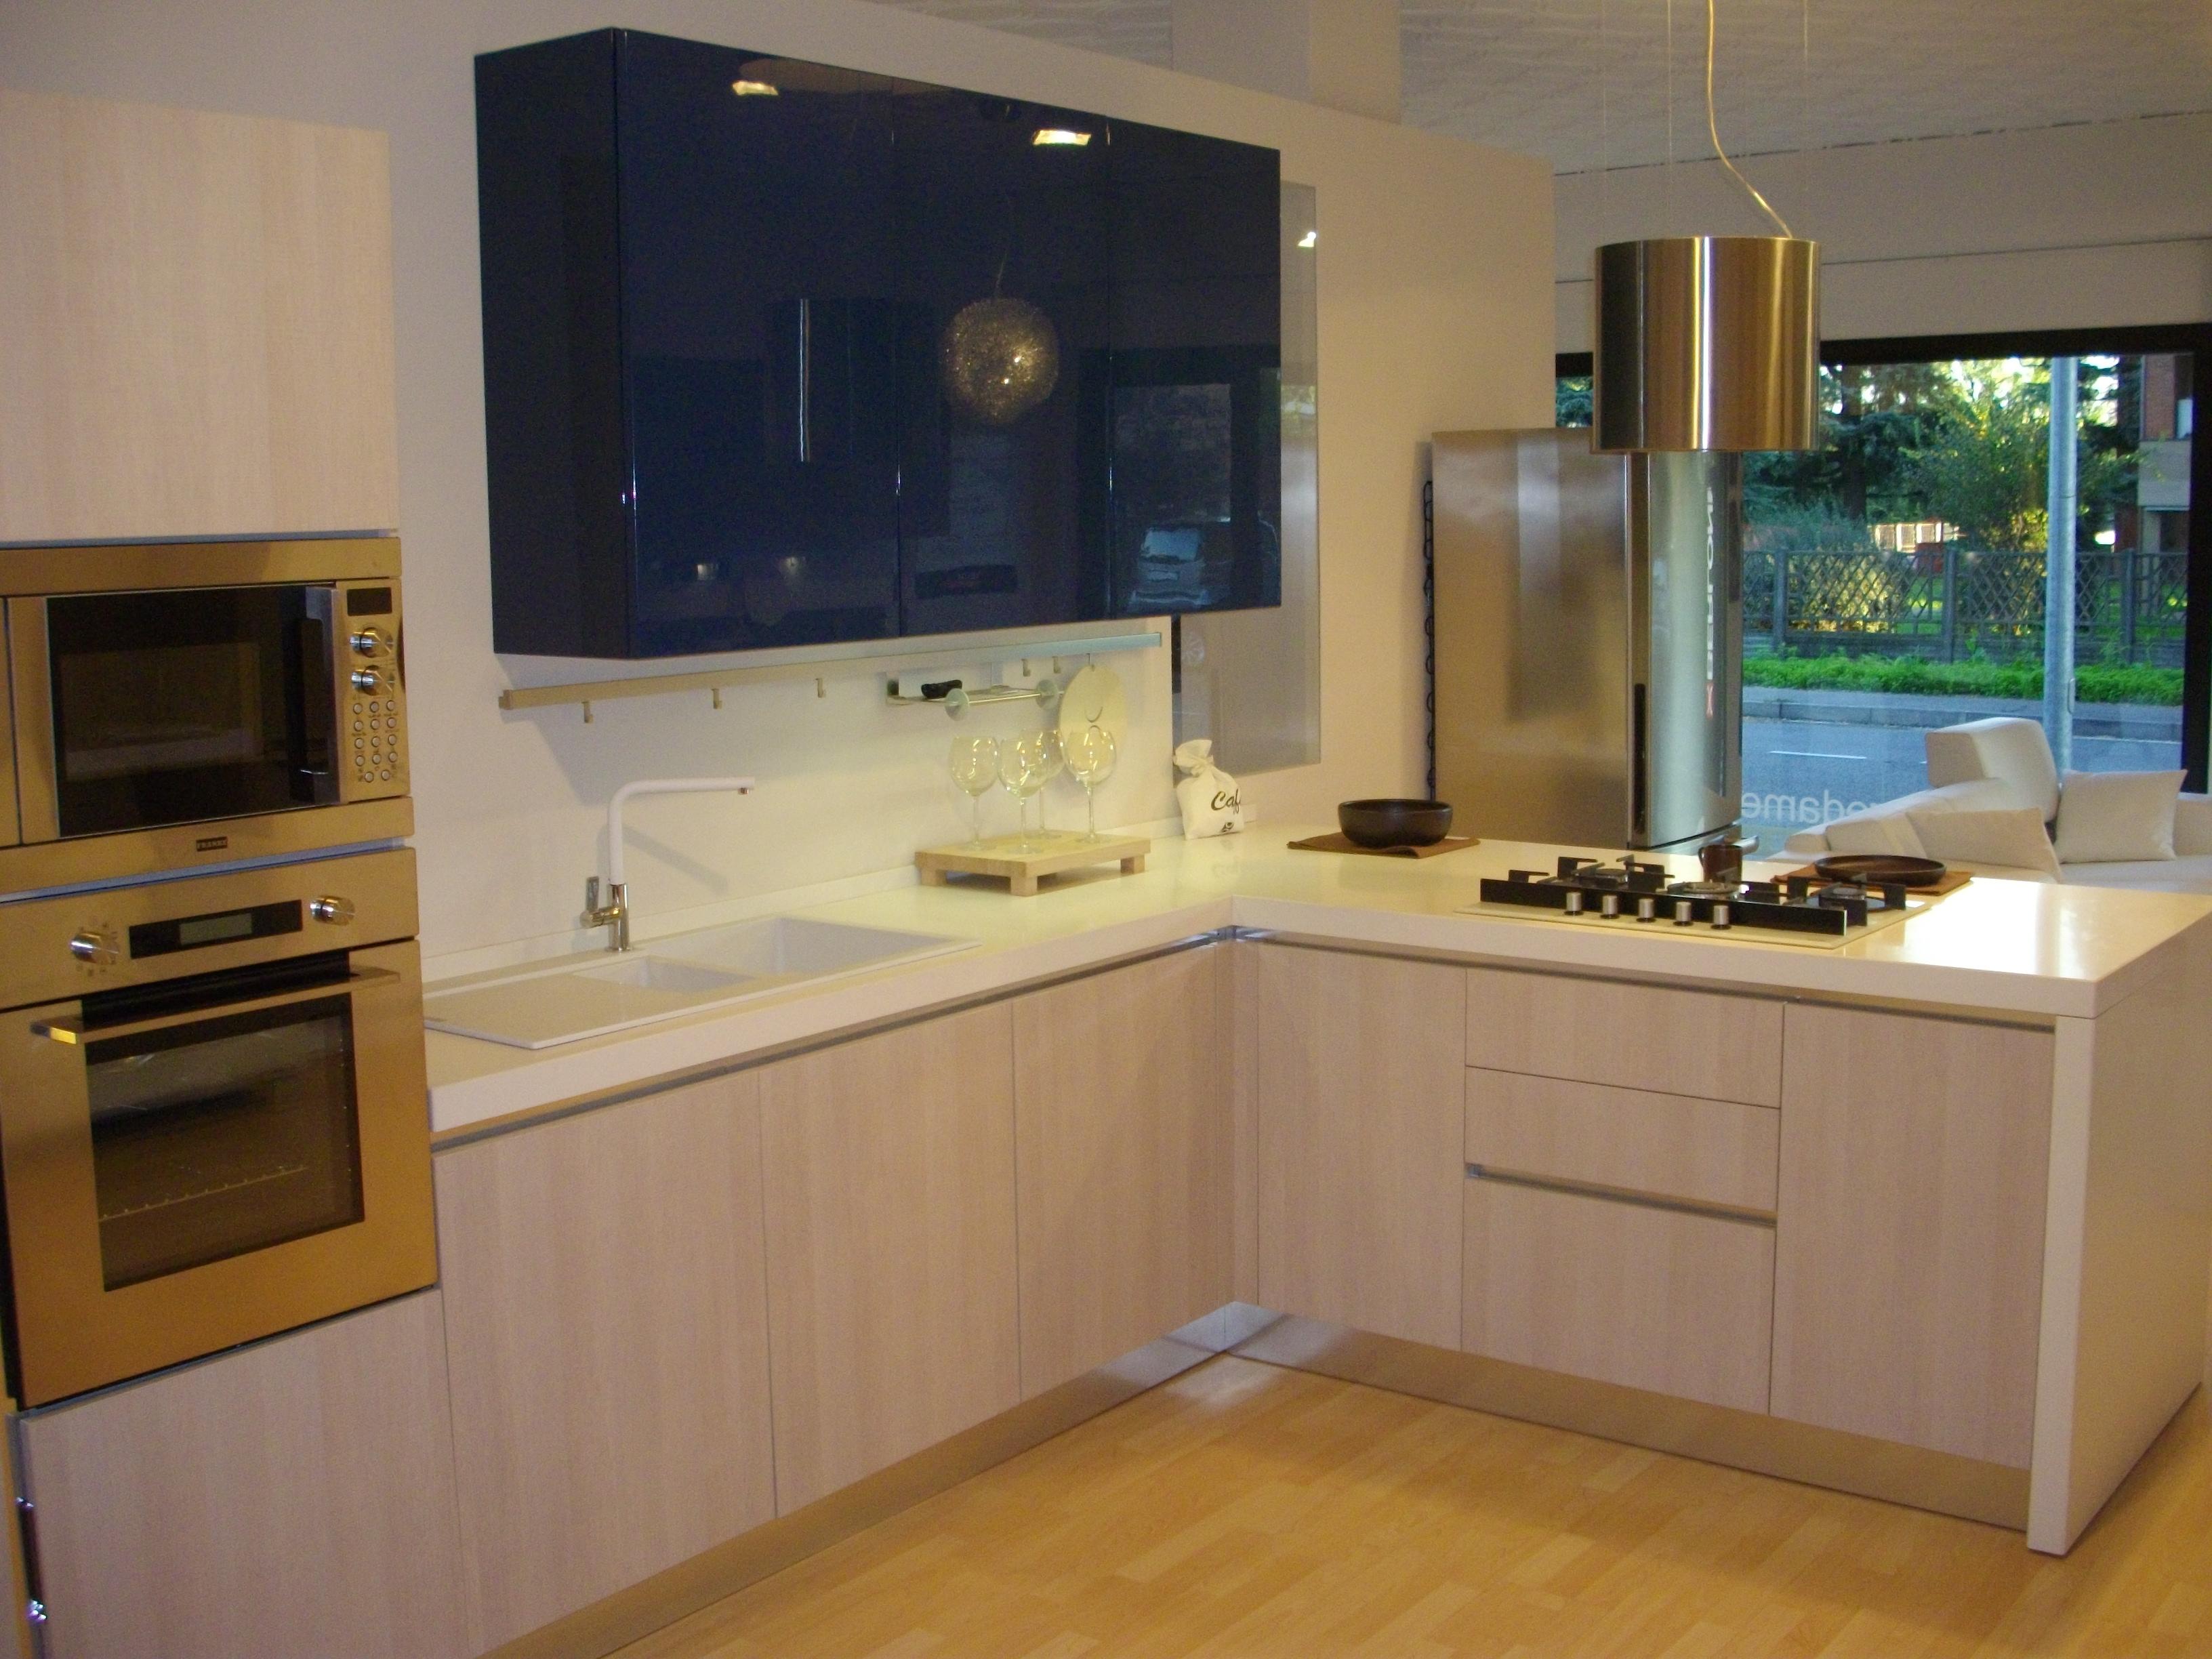 Cucina Berloni Mod.B50 In Occasione Cucine A Prezzi Scontati #976F34 3264 2448 Immagini Di Cucine Arte Povera